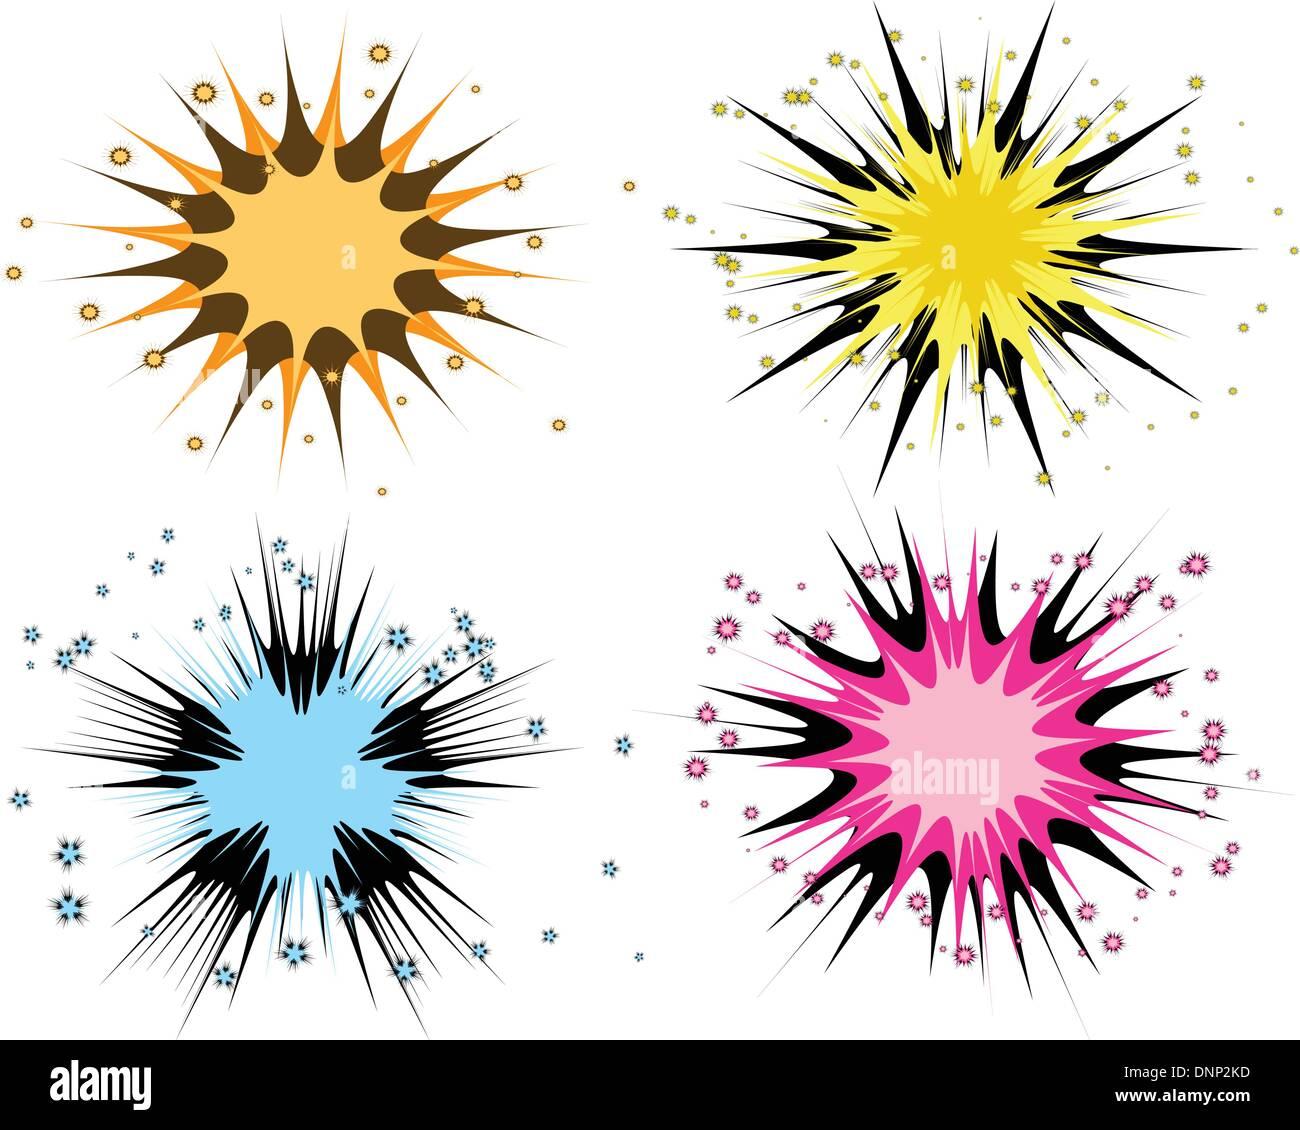 Varie starbursts Immagini Stock